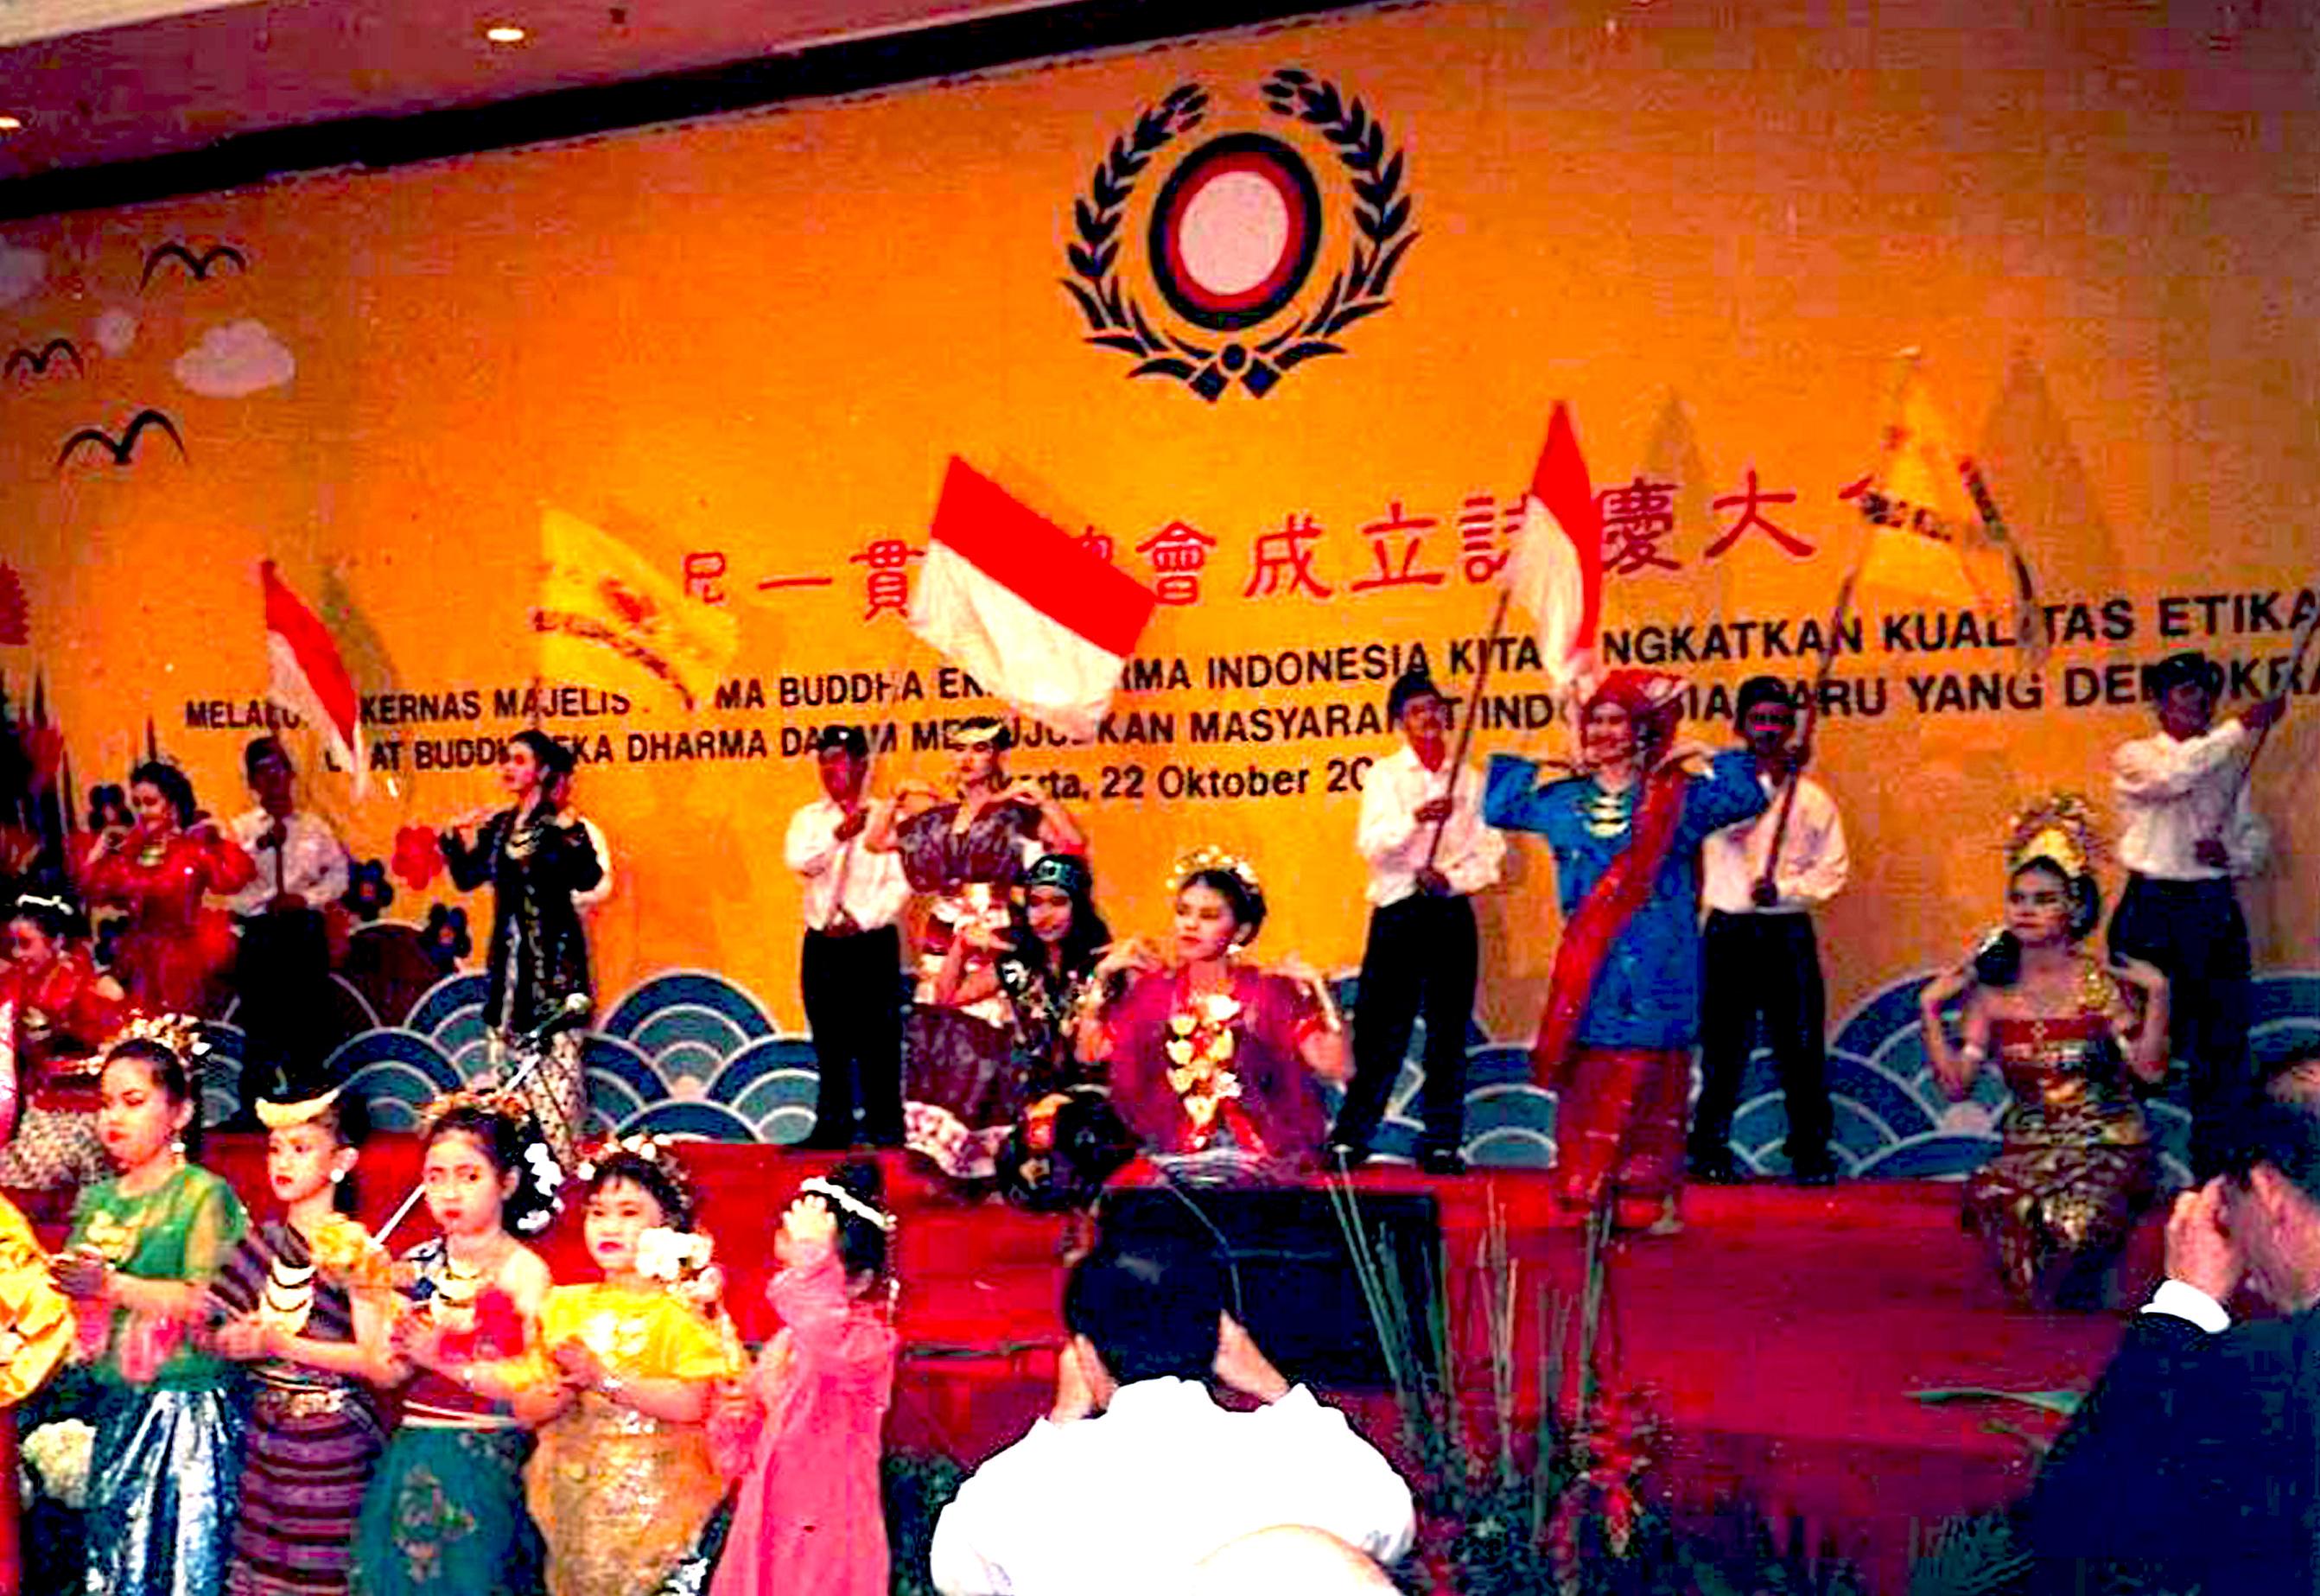 印尼一貫道總會成立 2000.11